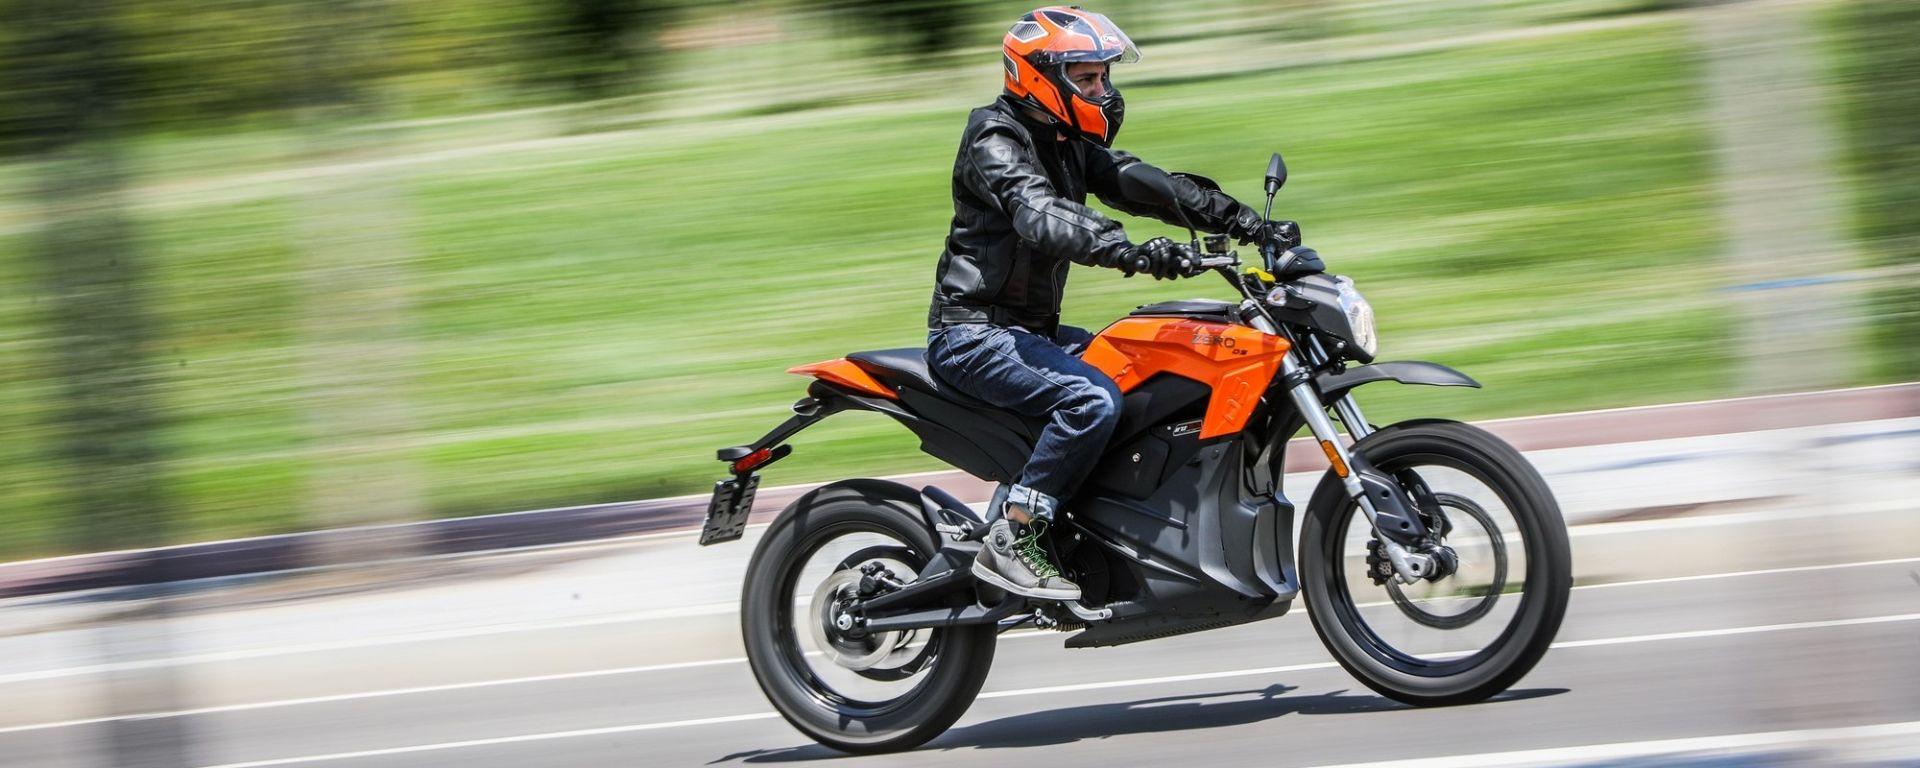 Autostrade vietate alle moto elettriche: arriva il ddl